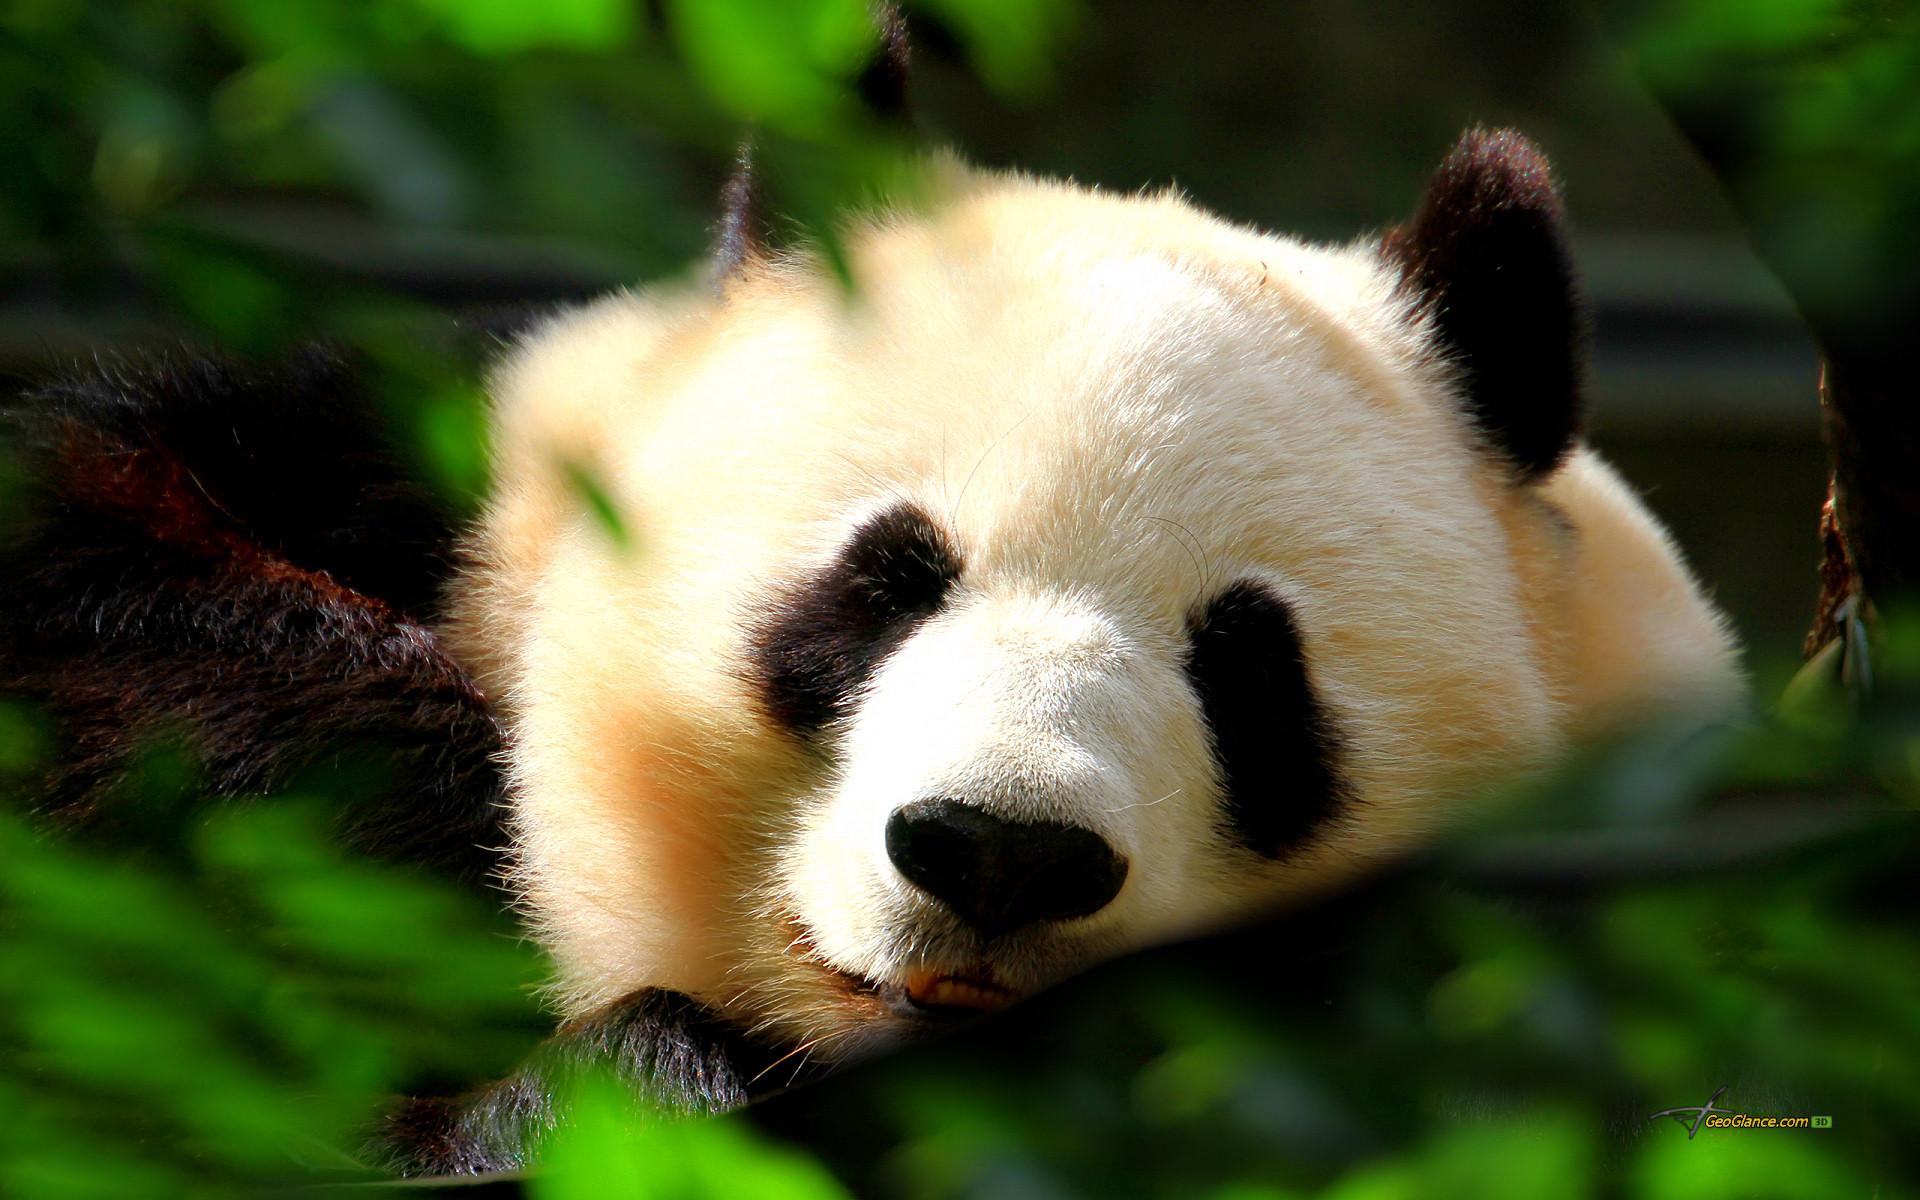 Description: Cute Panda Wallpaper is a hi res Wallpaper for pc .